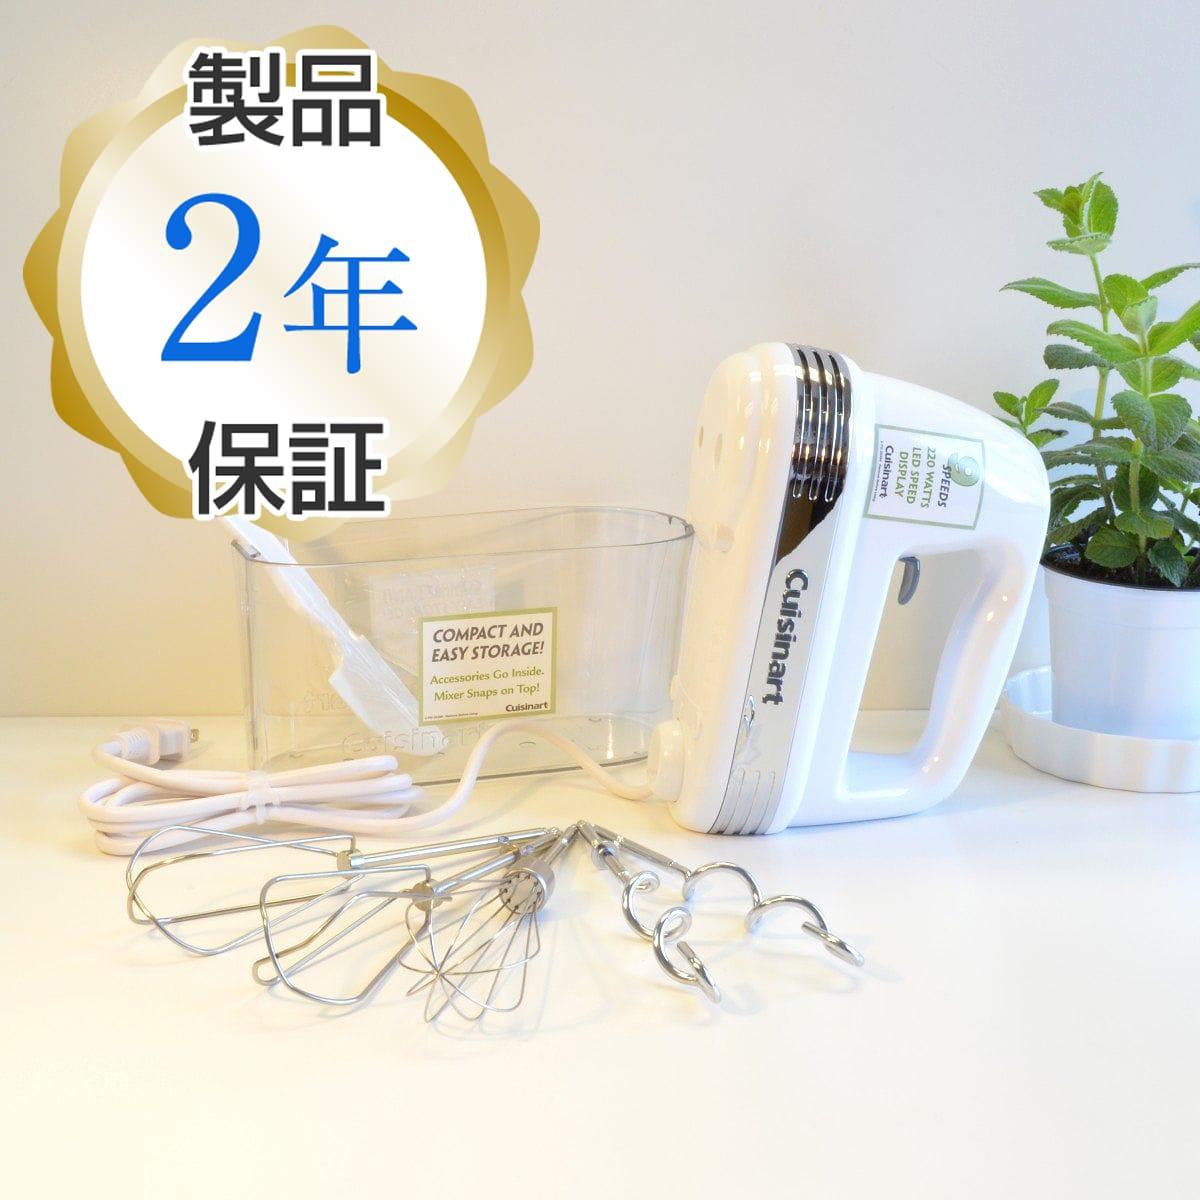 クイジナートハンドミキサー 9段階切替 ケース付 ホワイト Cuisinart HM-90S Power Advantage Plus 9-Speed Handheld Mixer with Storage Case, White 家電